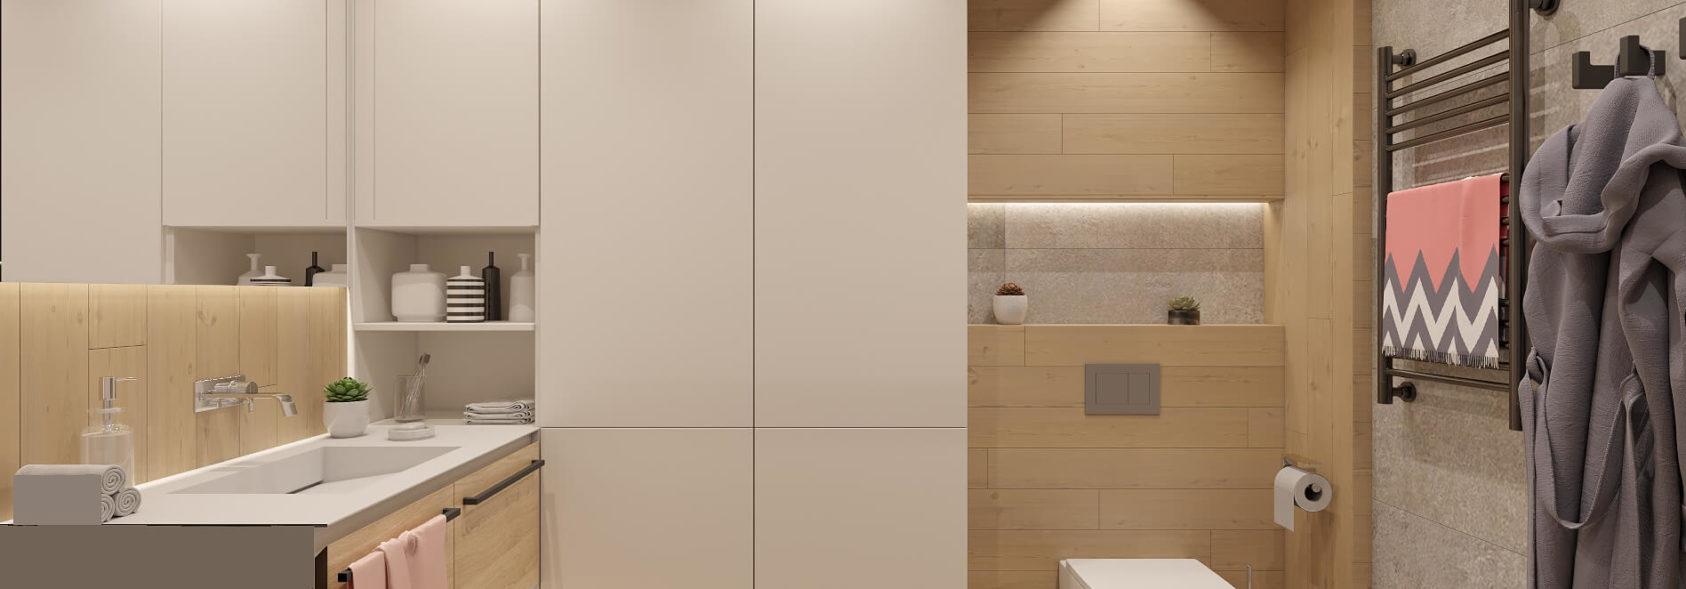 Дизайн проект квартиры санузел